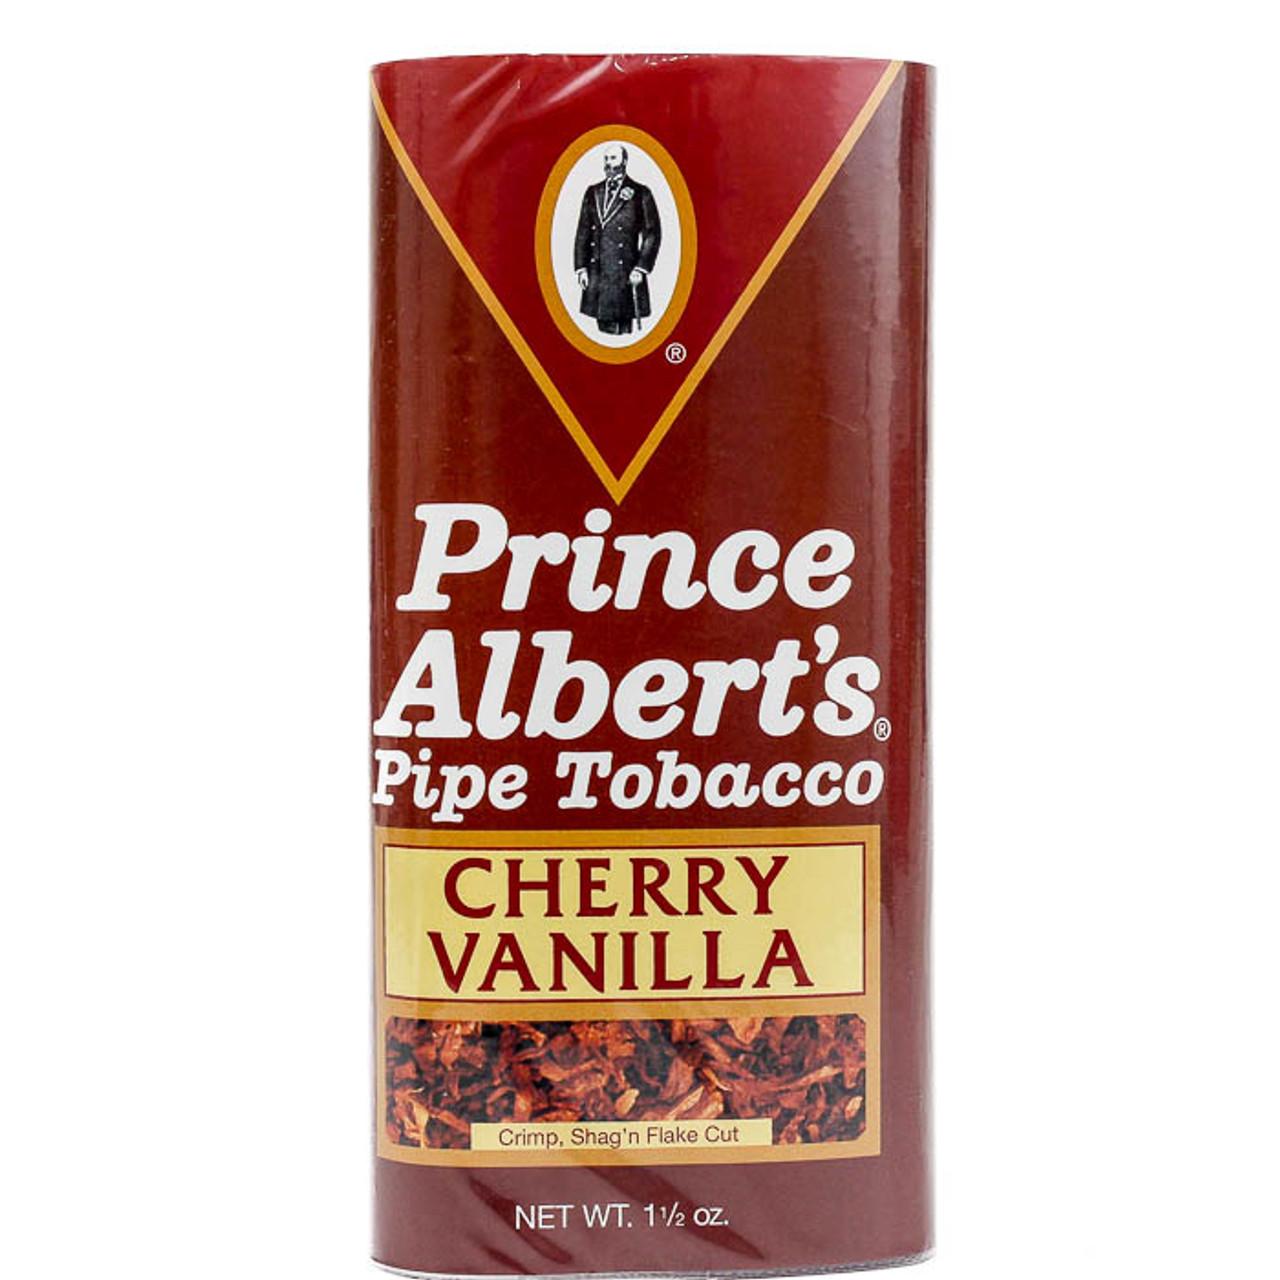 Prince Albert Cherry Vanilla Pipe Tobacco   1.50 OZ POUCH - 6 COUNT